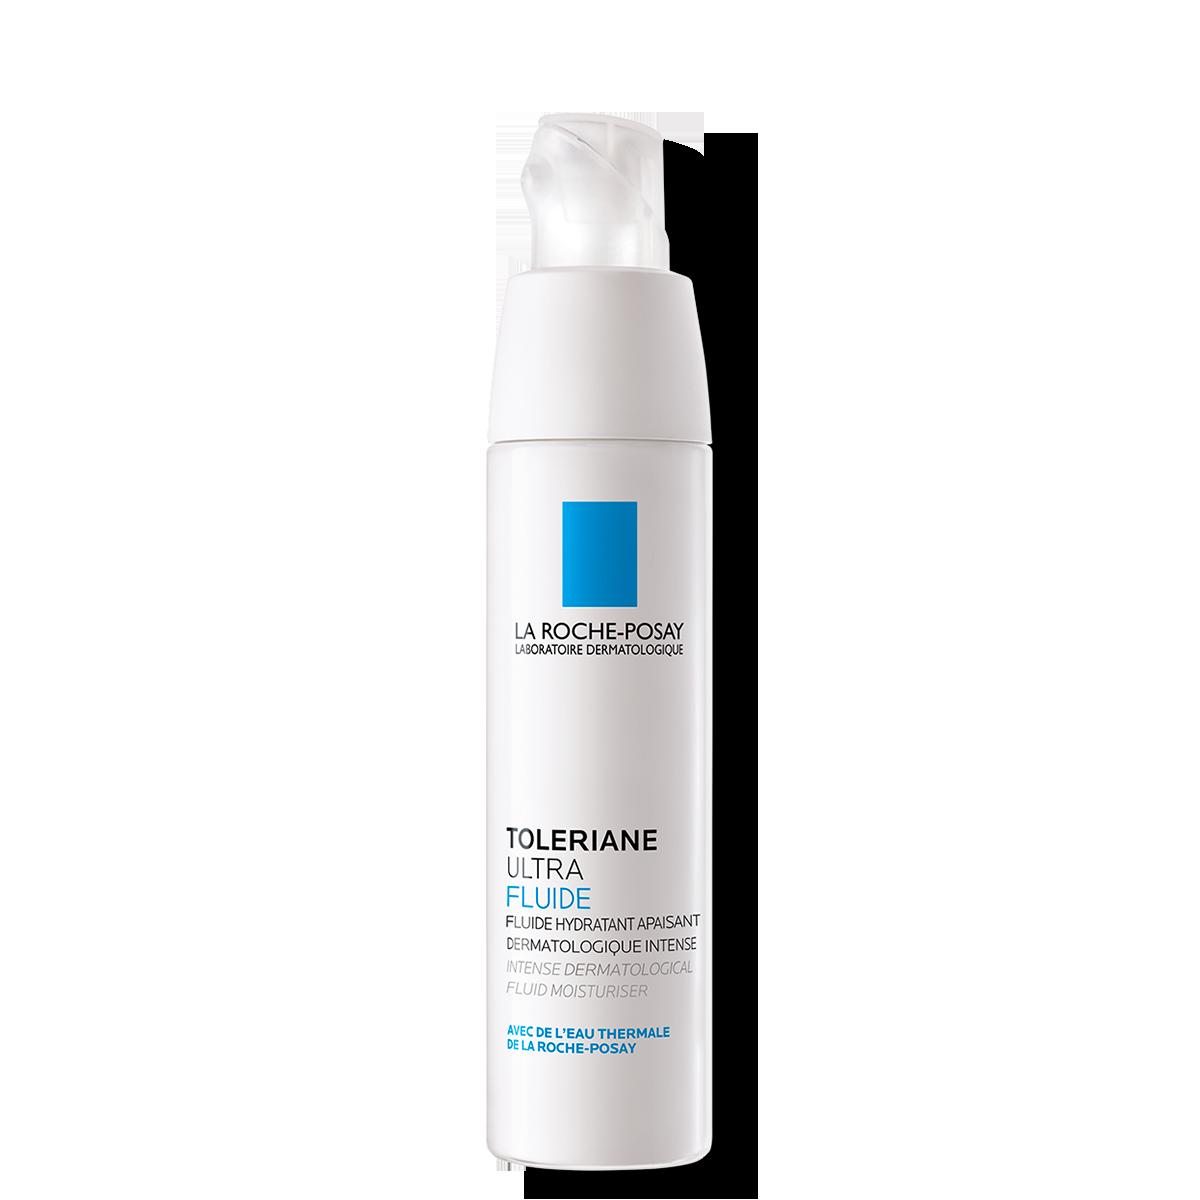 La Roche Posay ProductPage Sensitive Allergic Toleriane Ultra Fluide 4